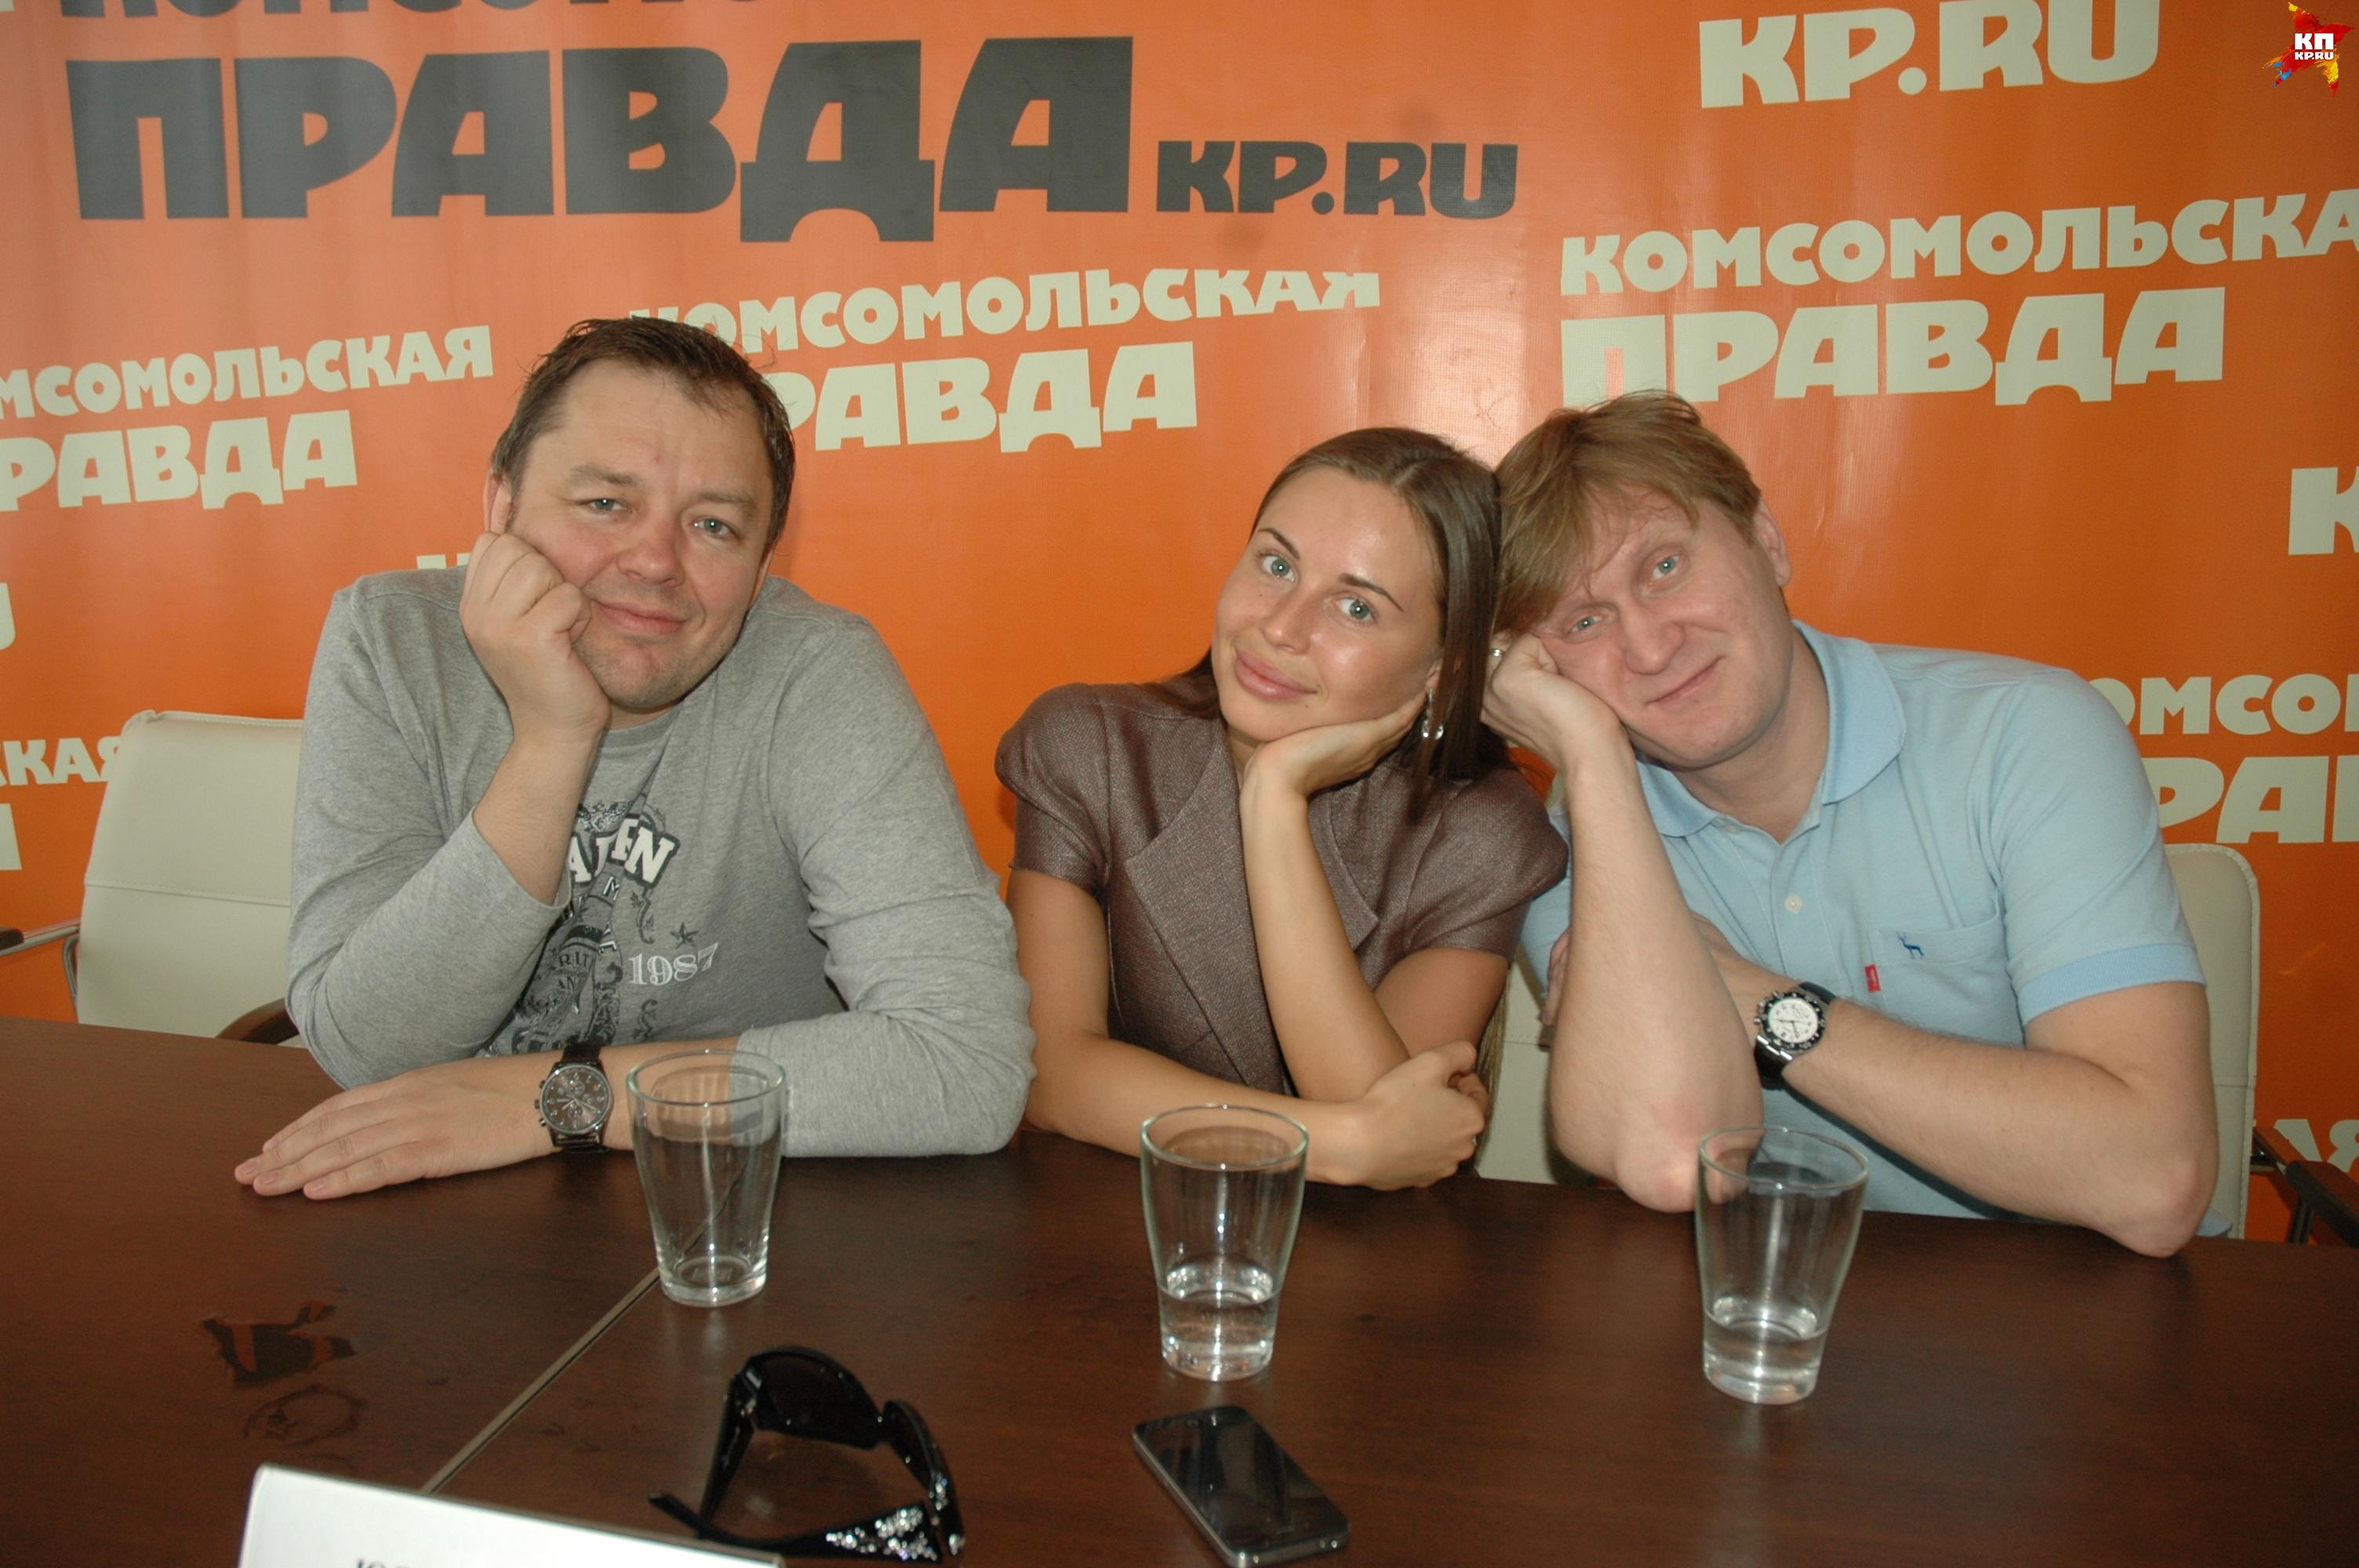 Уральские пельмени бабушка в 5 утра продолжение 6 фотография